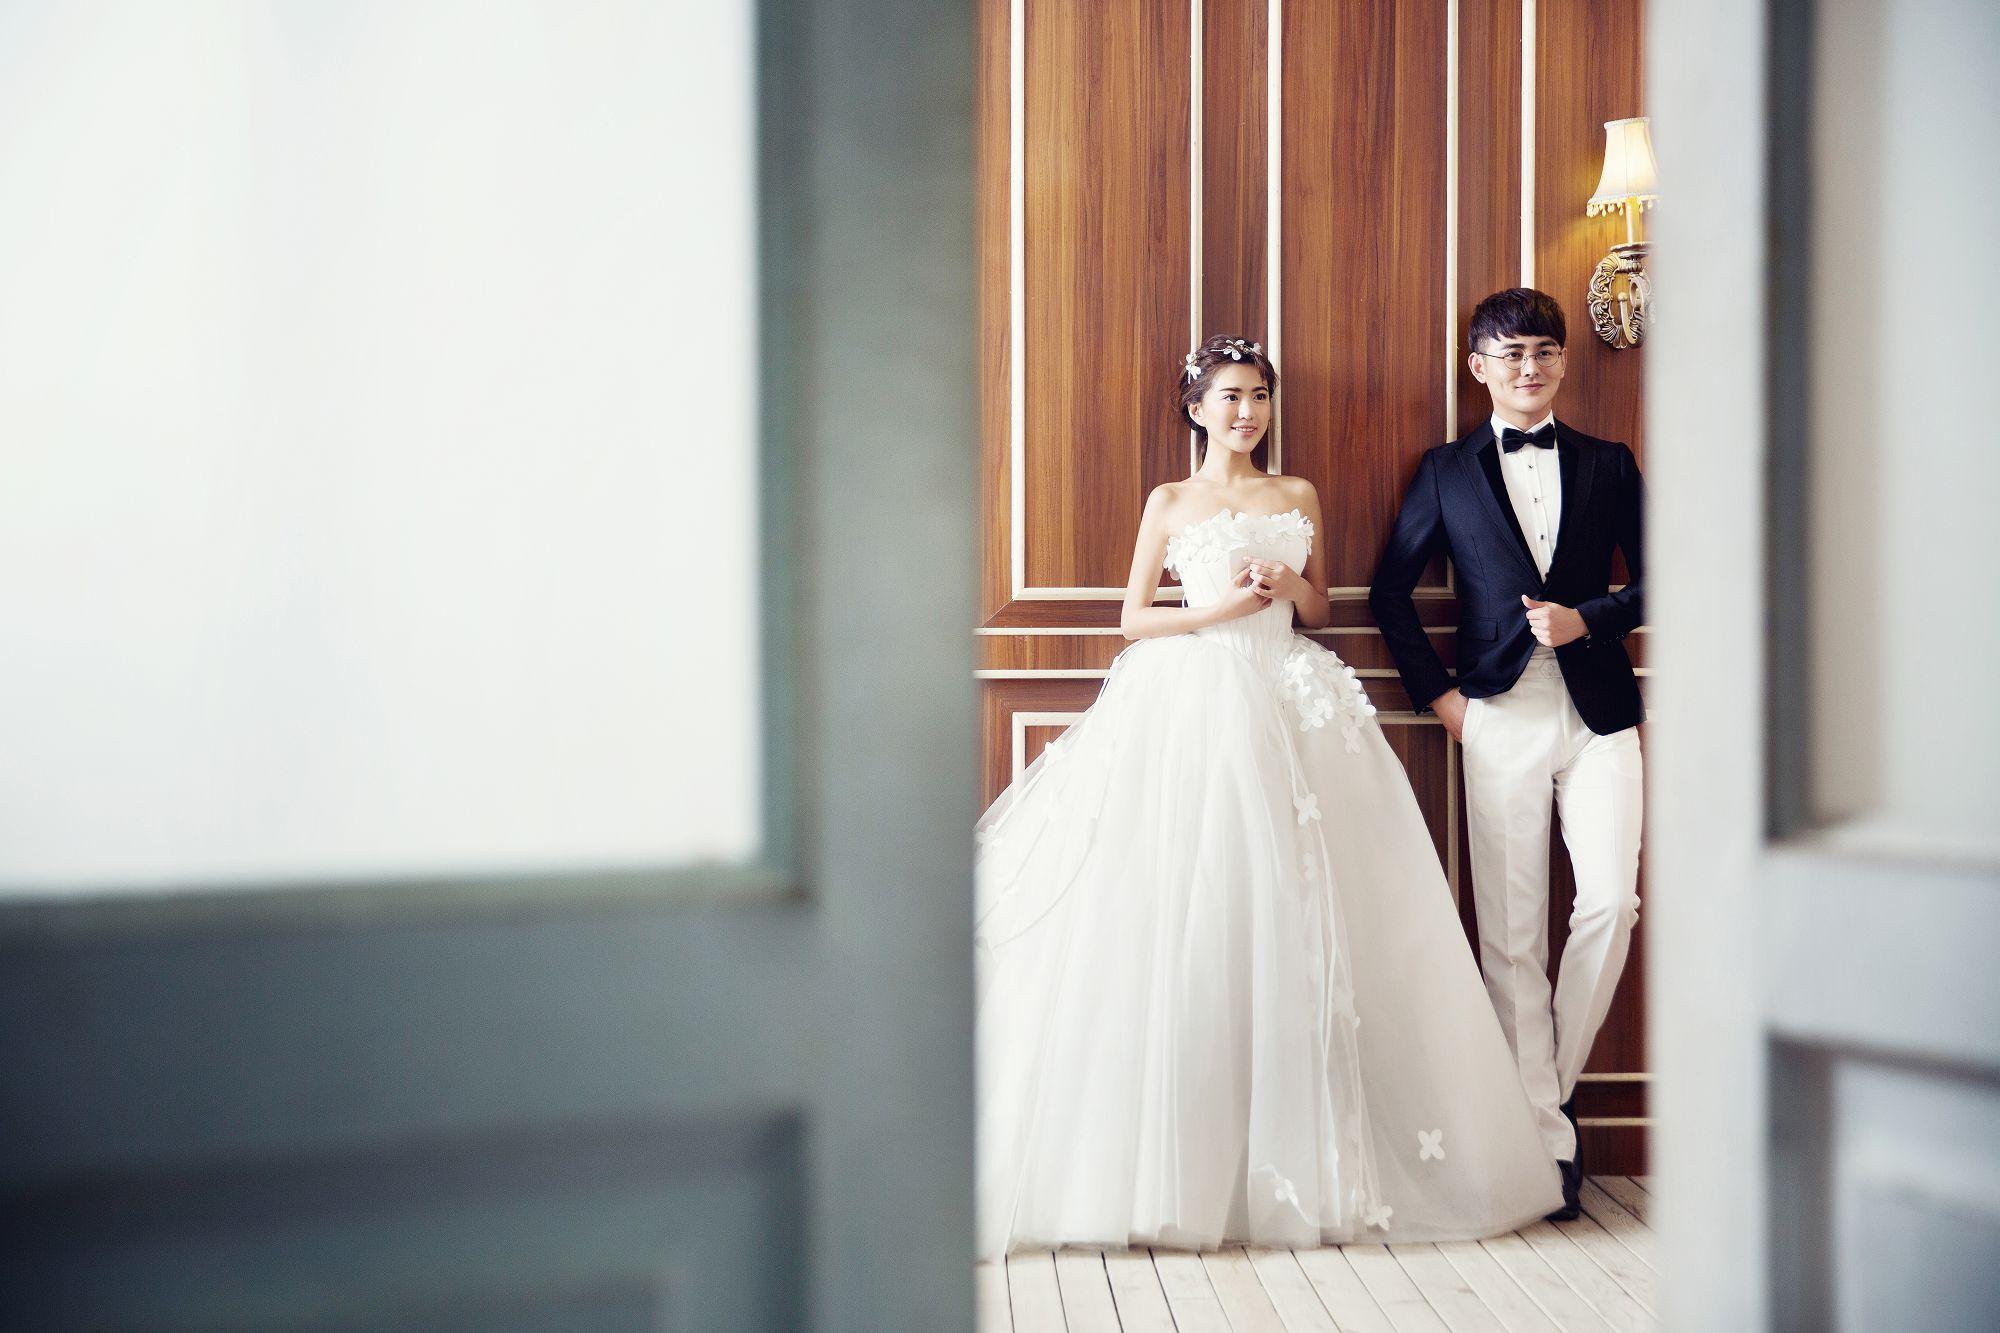 婚礼当天新娘化妆要注意哪些事情